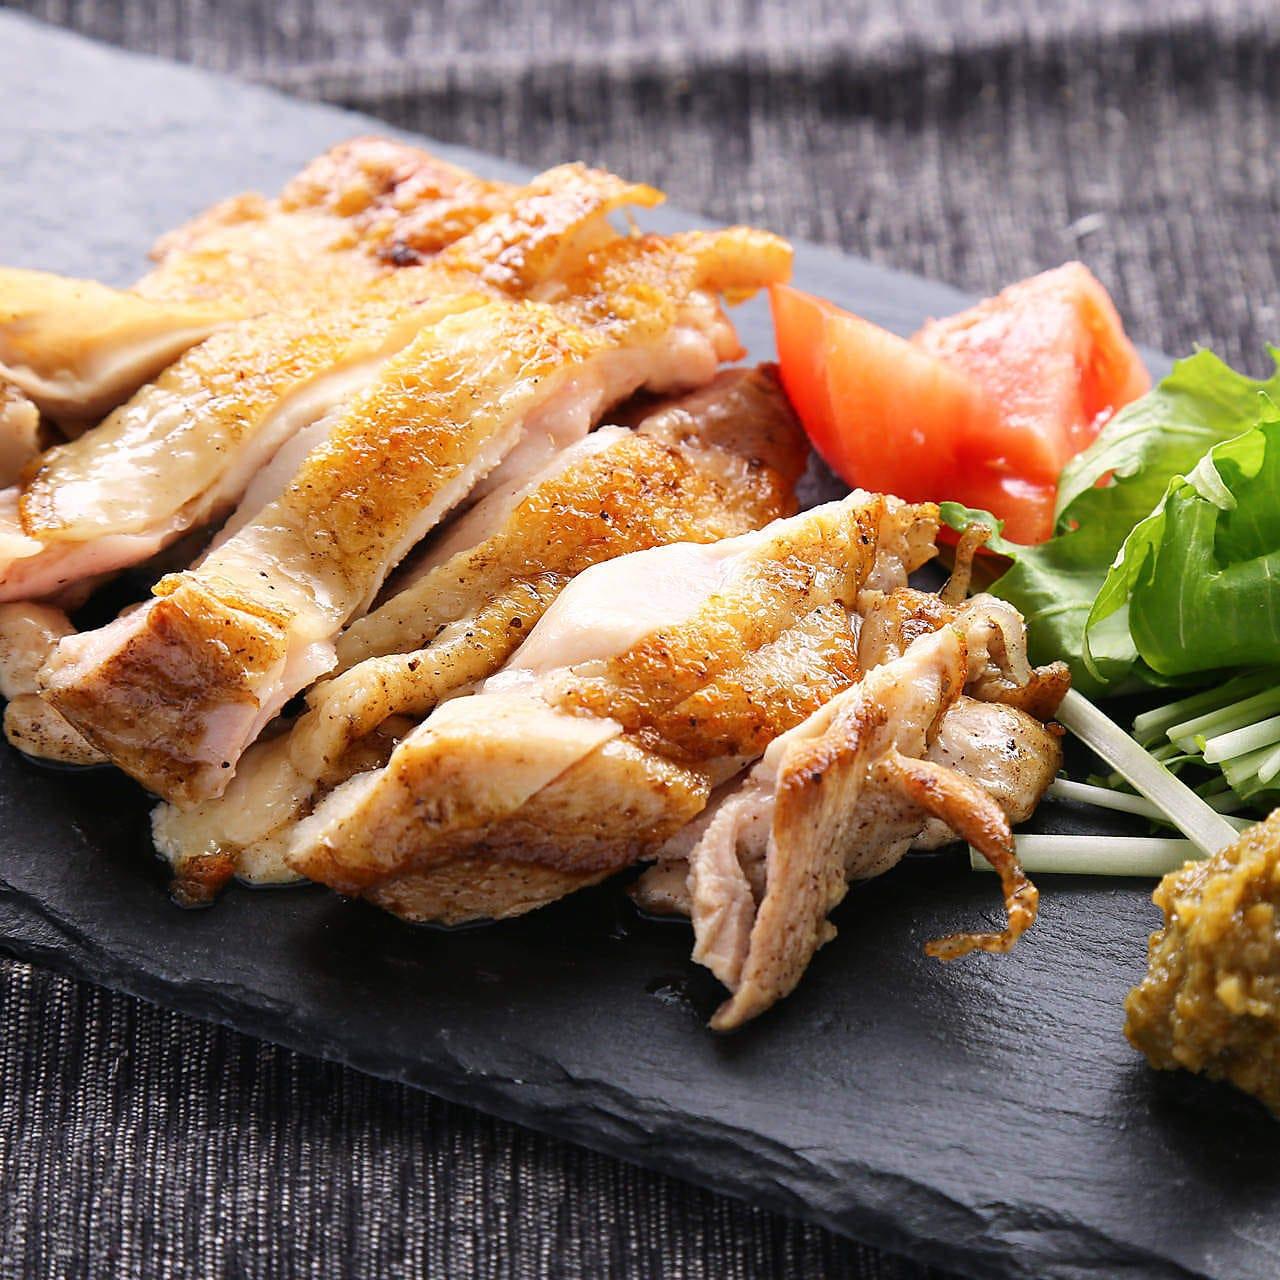 【コスパで選ぶならこれ!】ひな鶏の岩塩焼きと藁カツオのタタキコース《120分飲み放題》3000円